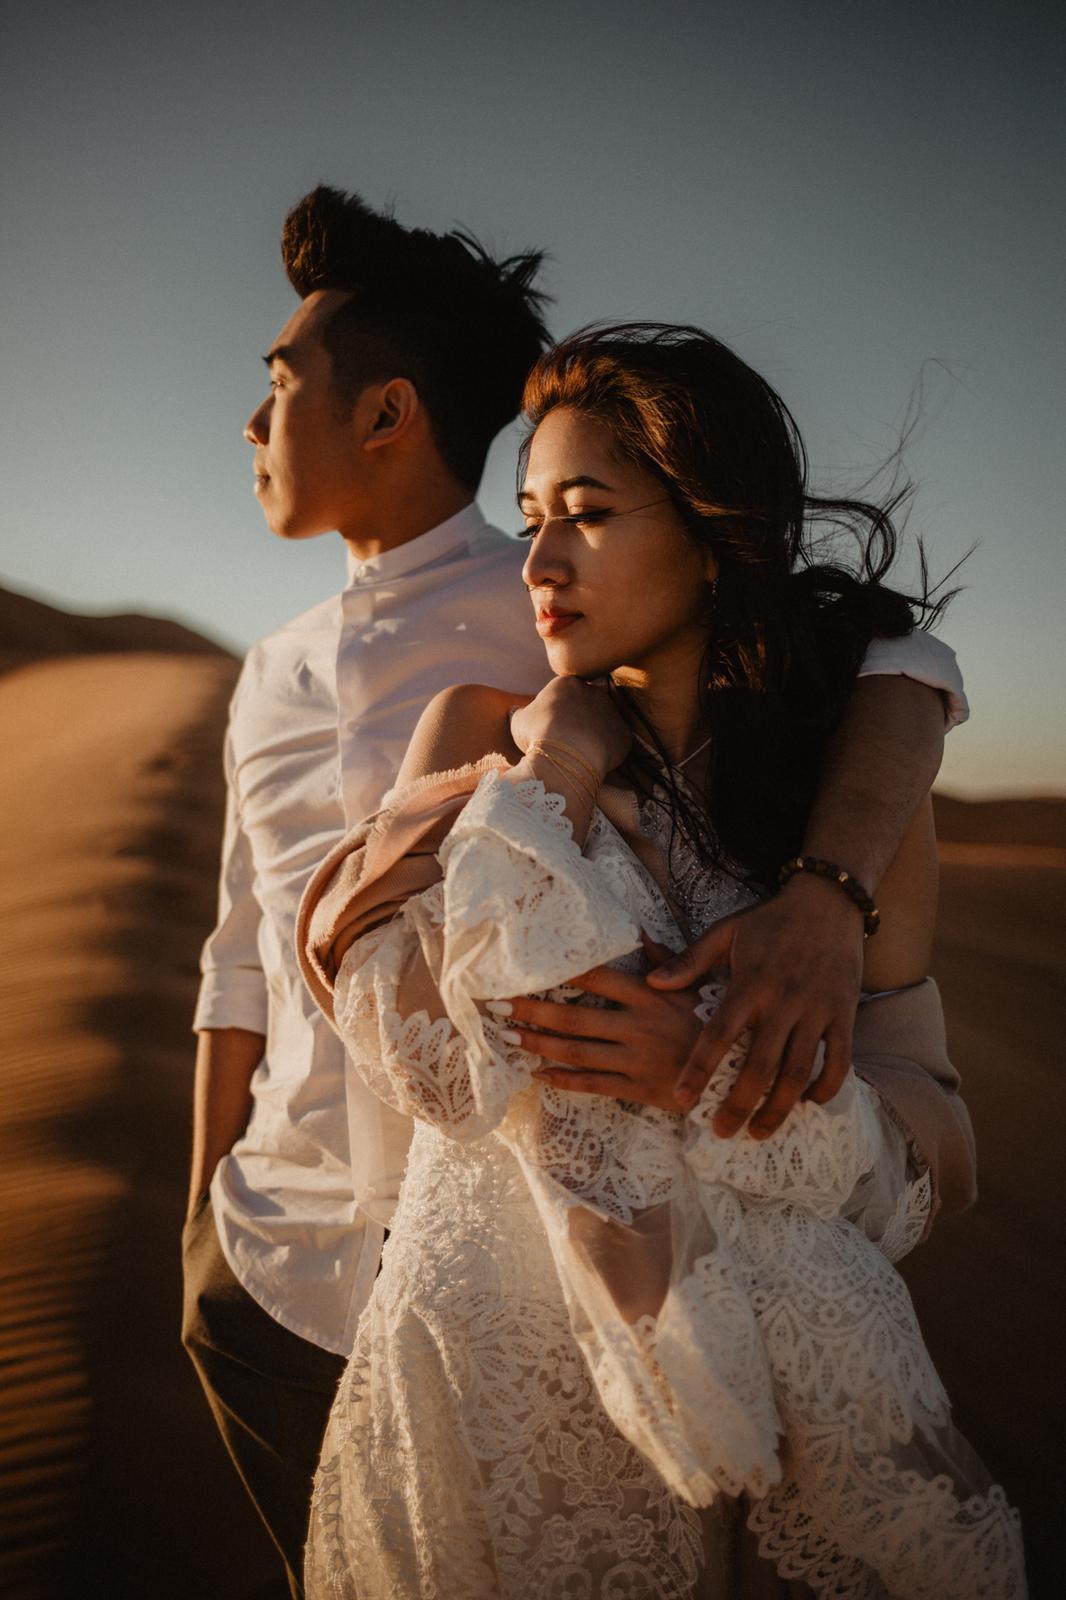 H + T | Love in Morocco - Obrázek č. 17